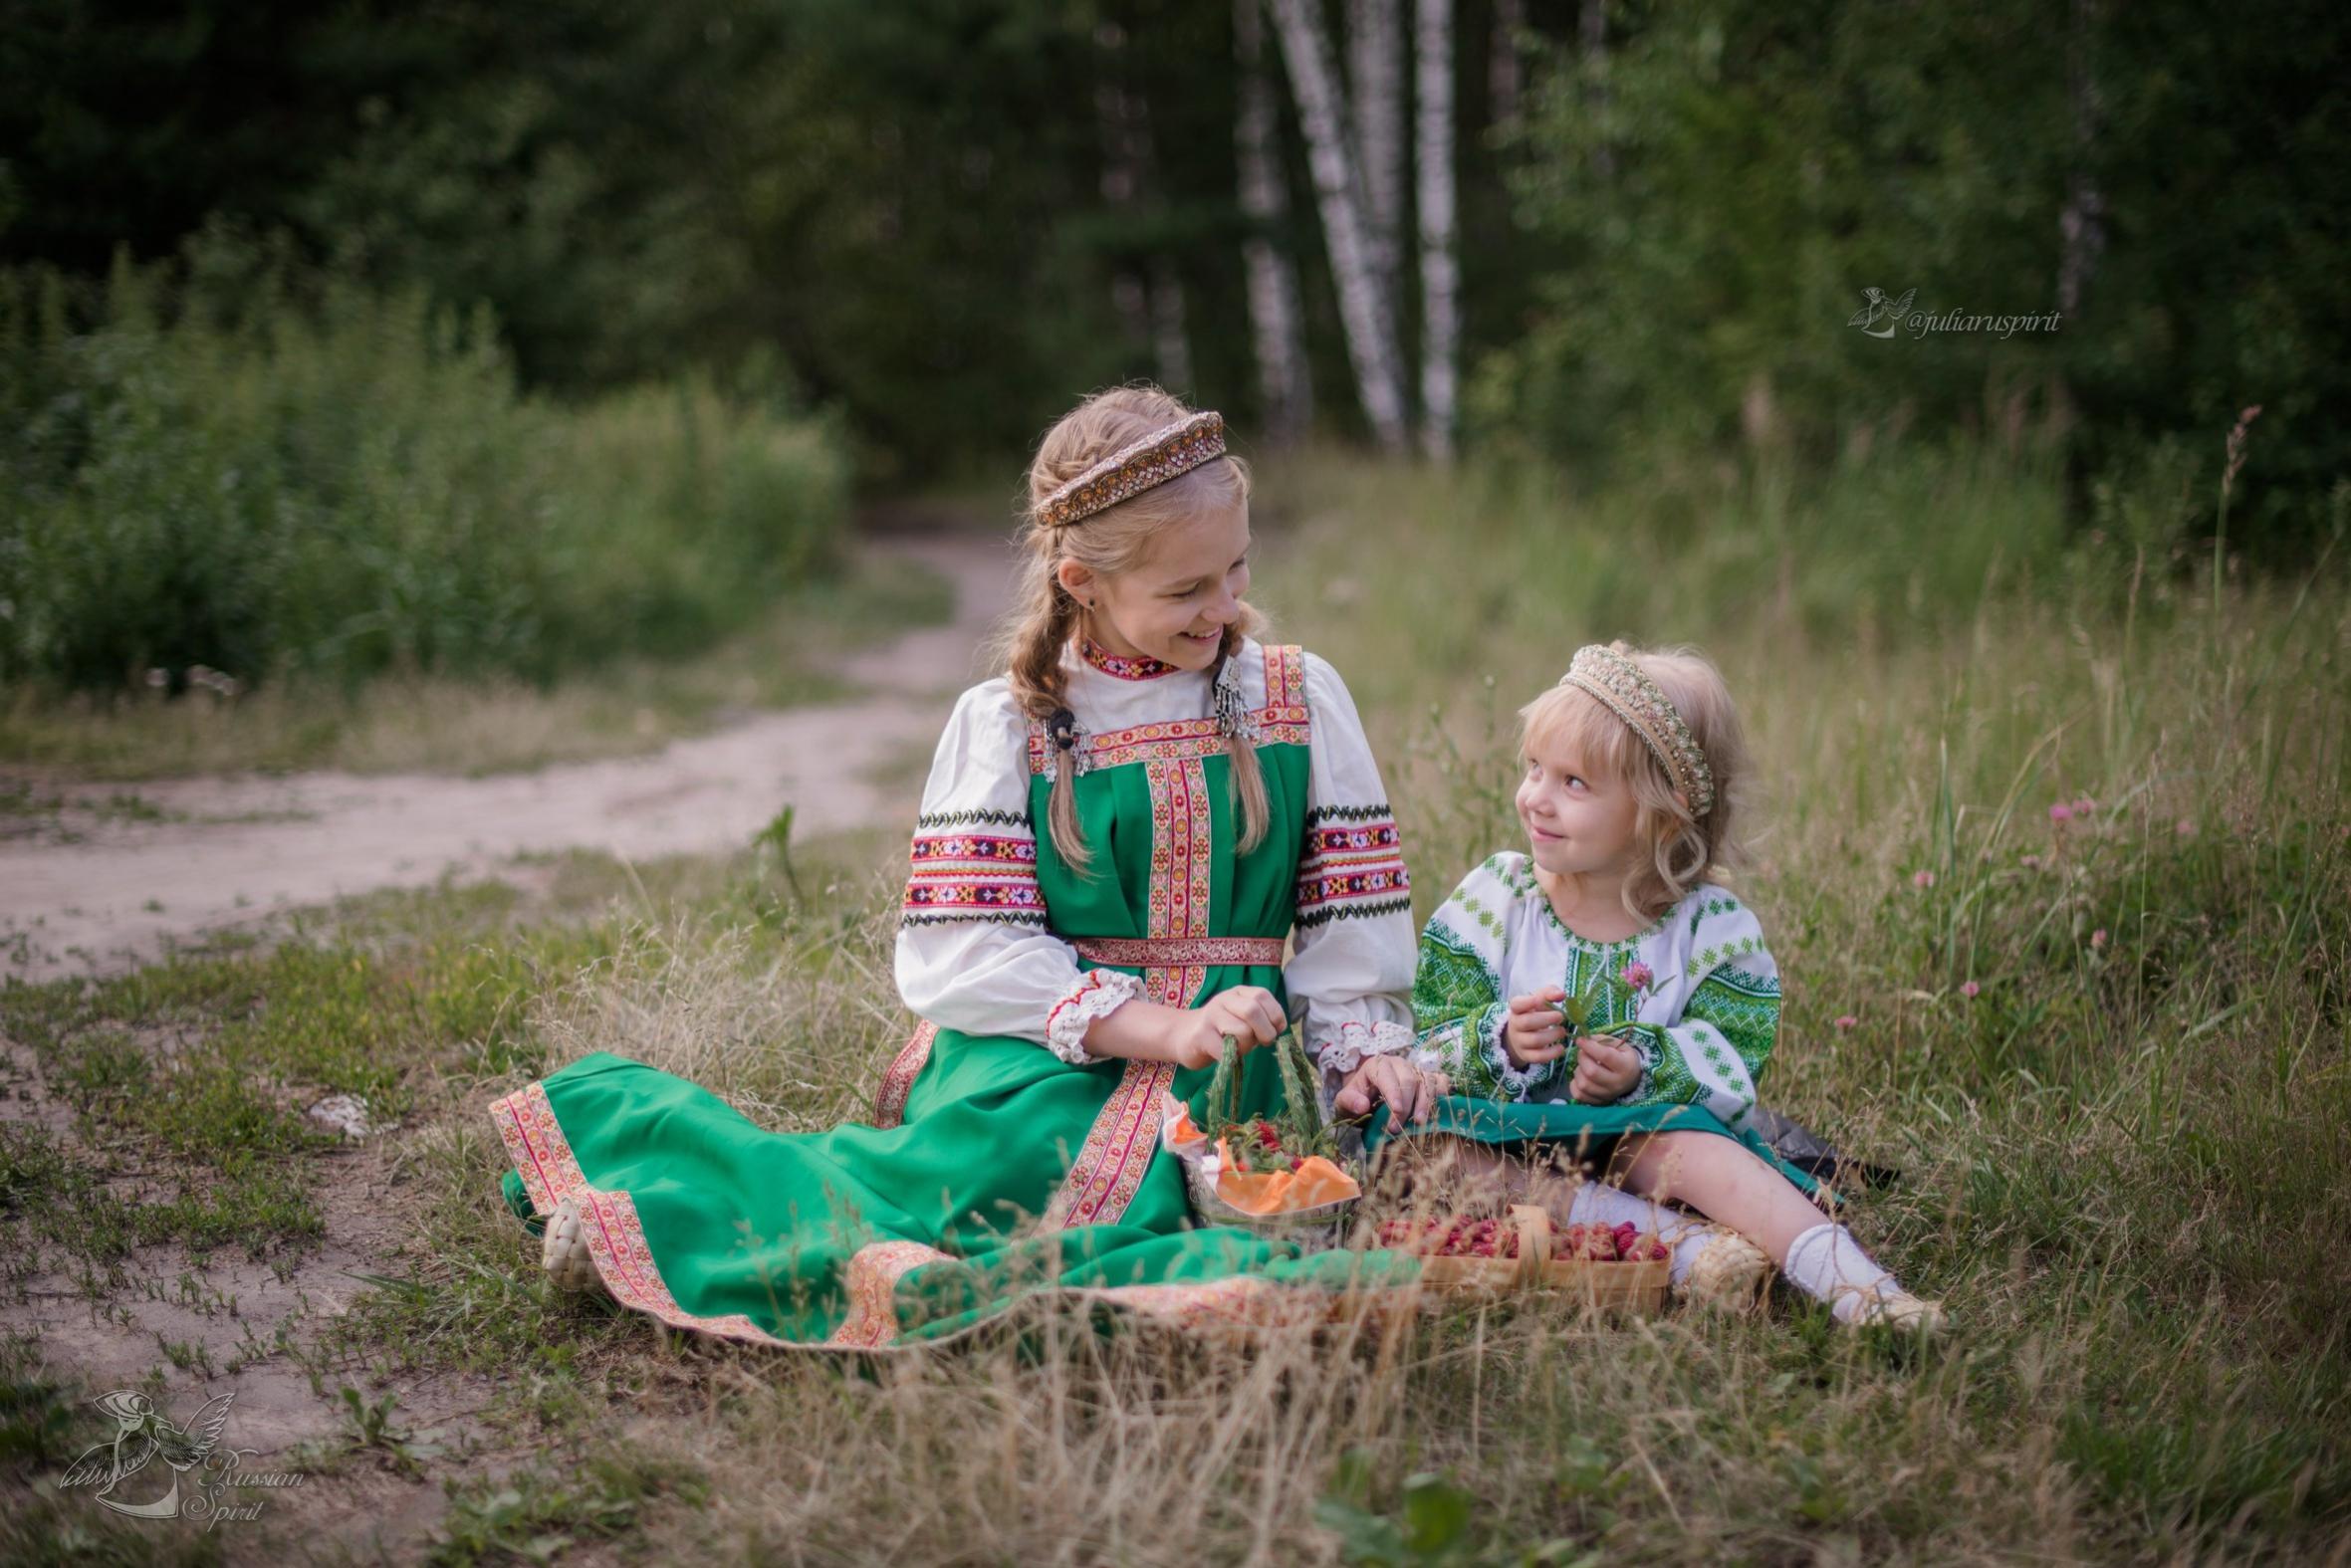 Сестрёнки в русских народных платьях отдыхают на лесной лужайке